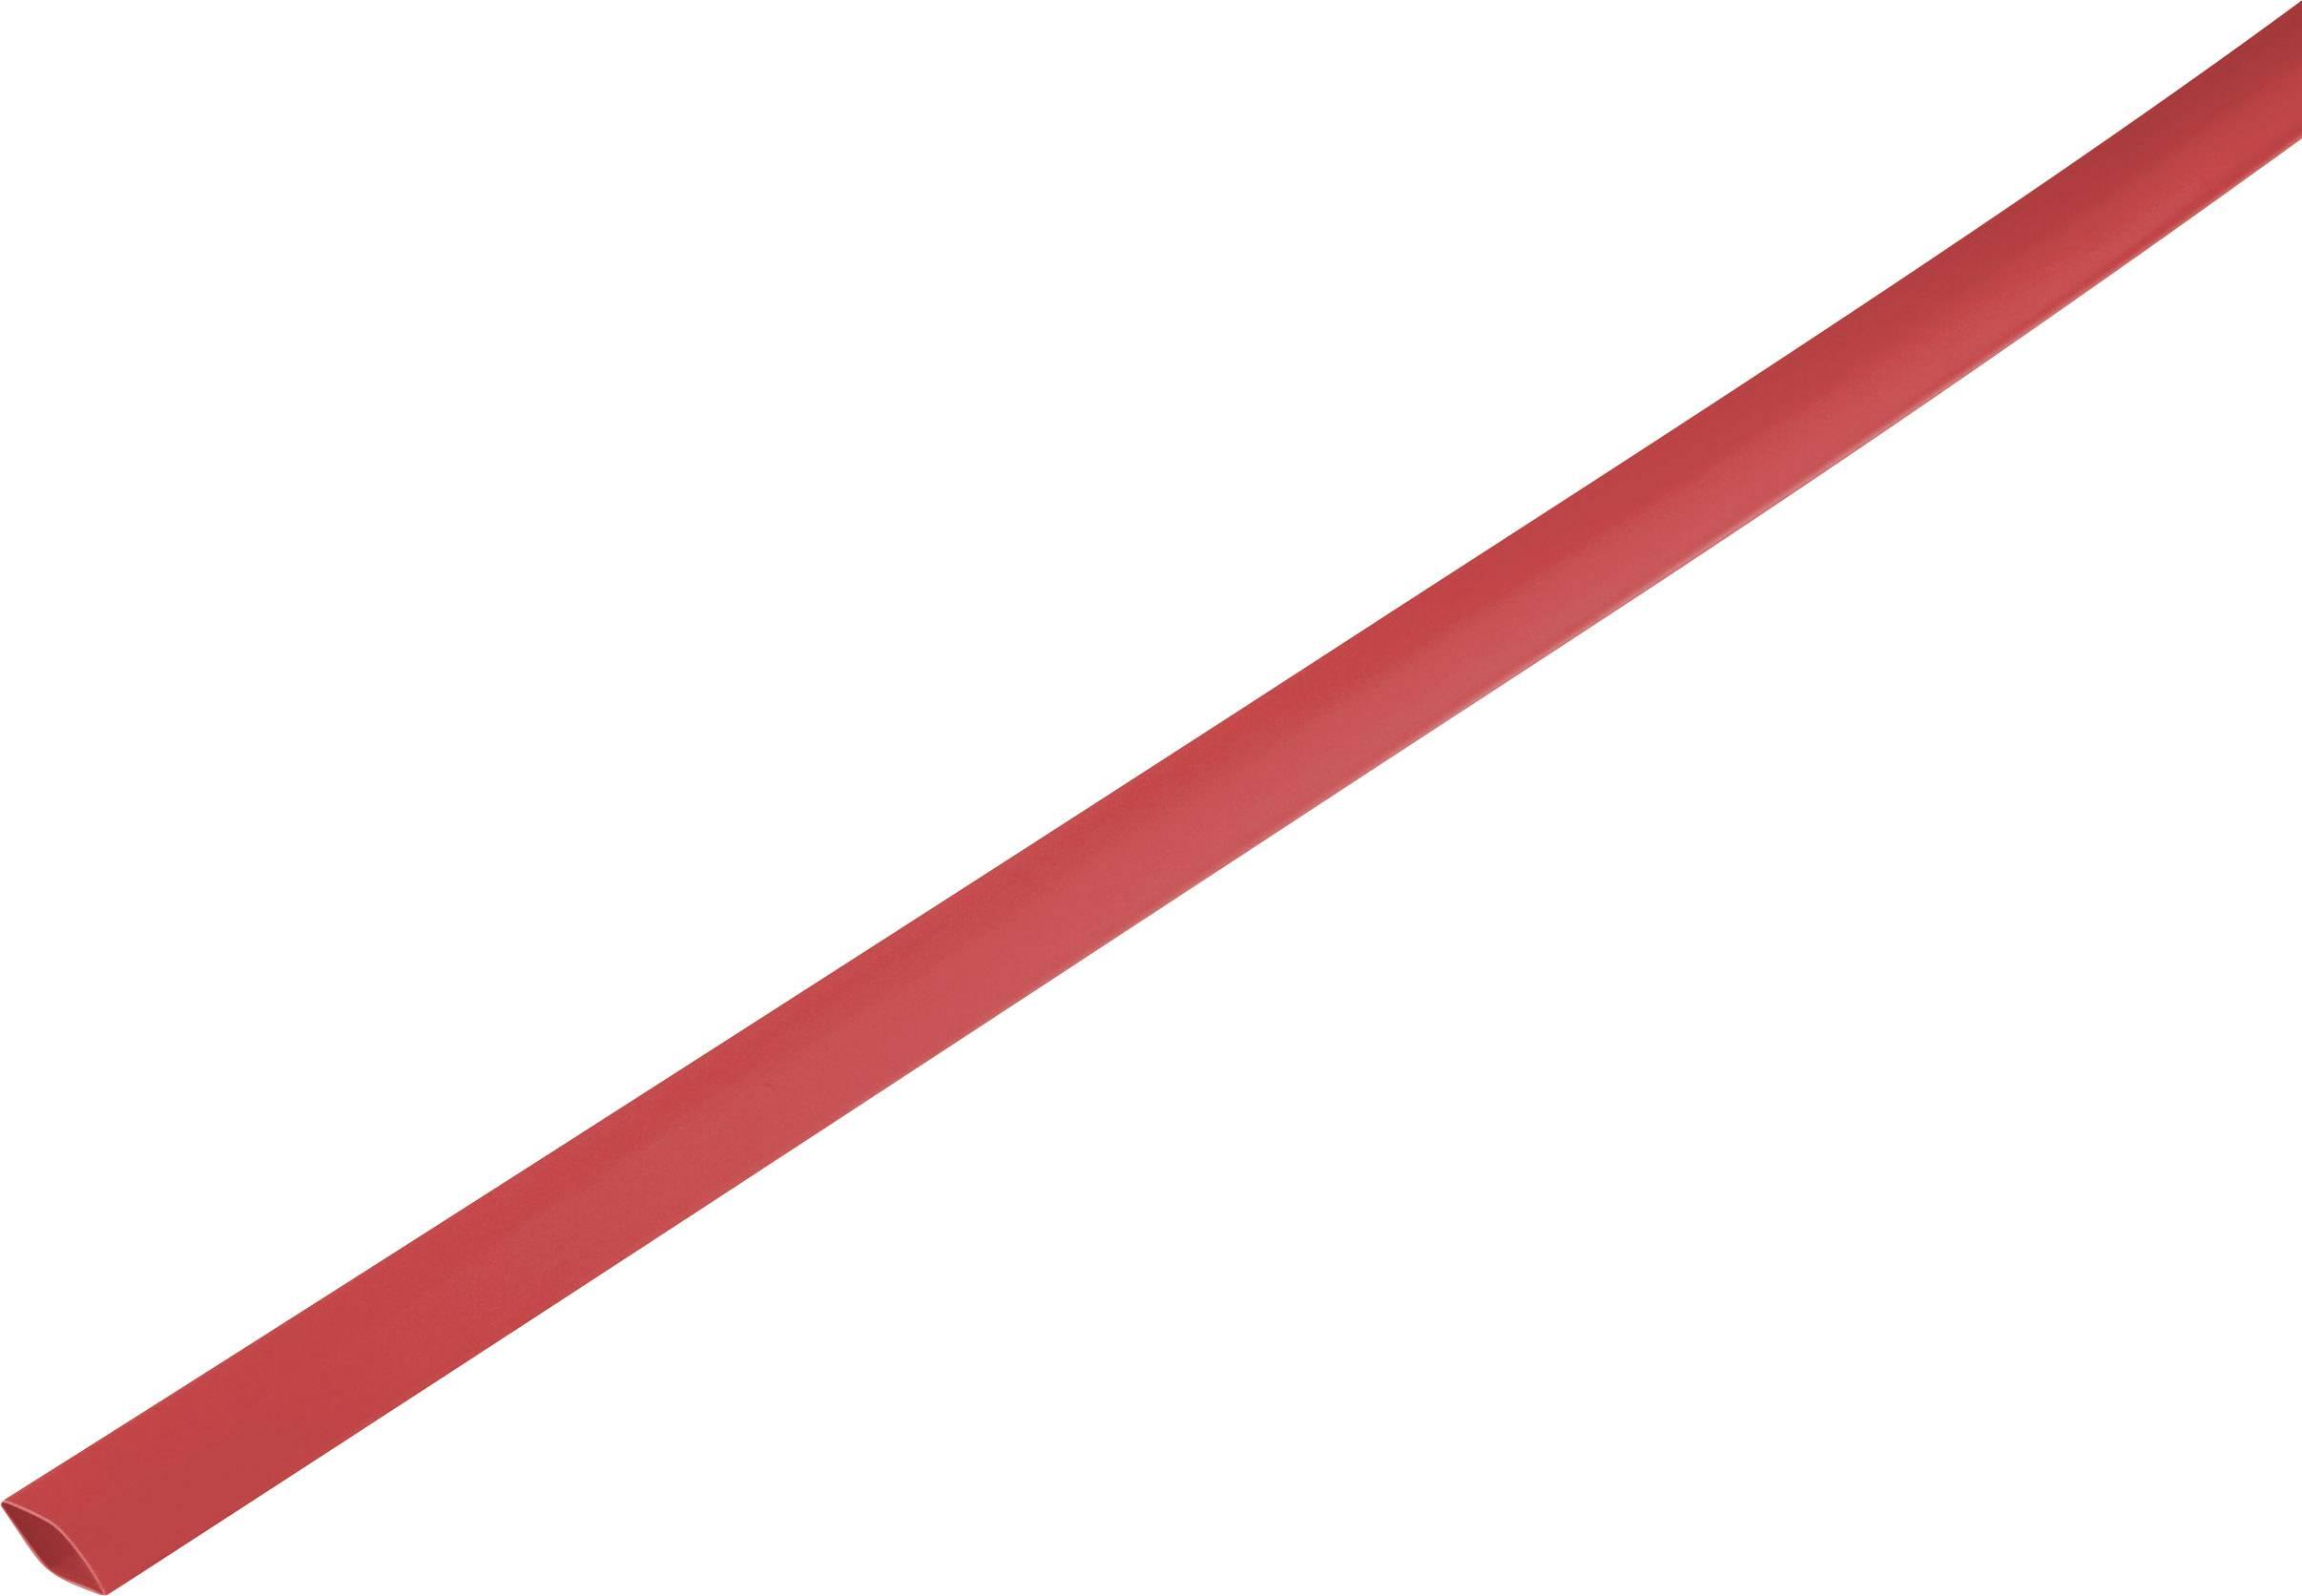 Smršťovací bužírka bez lepidla 1225447 2:1, -55 až +125 °C, 6.50 mm, červená, metrové zboží